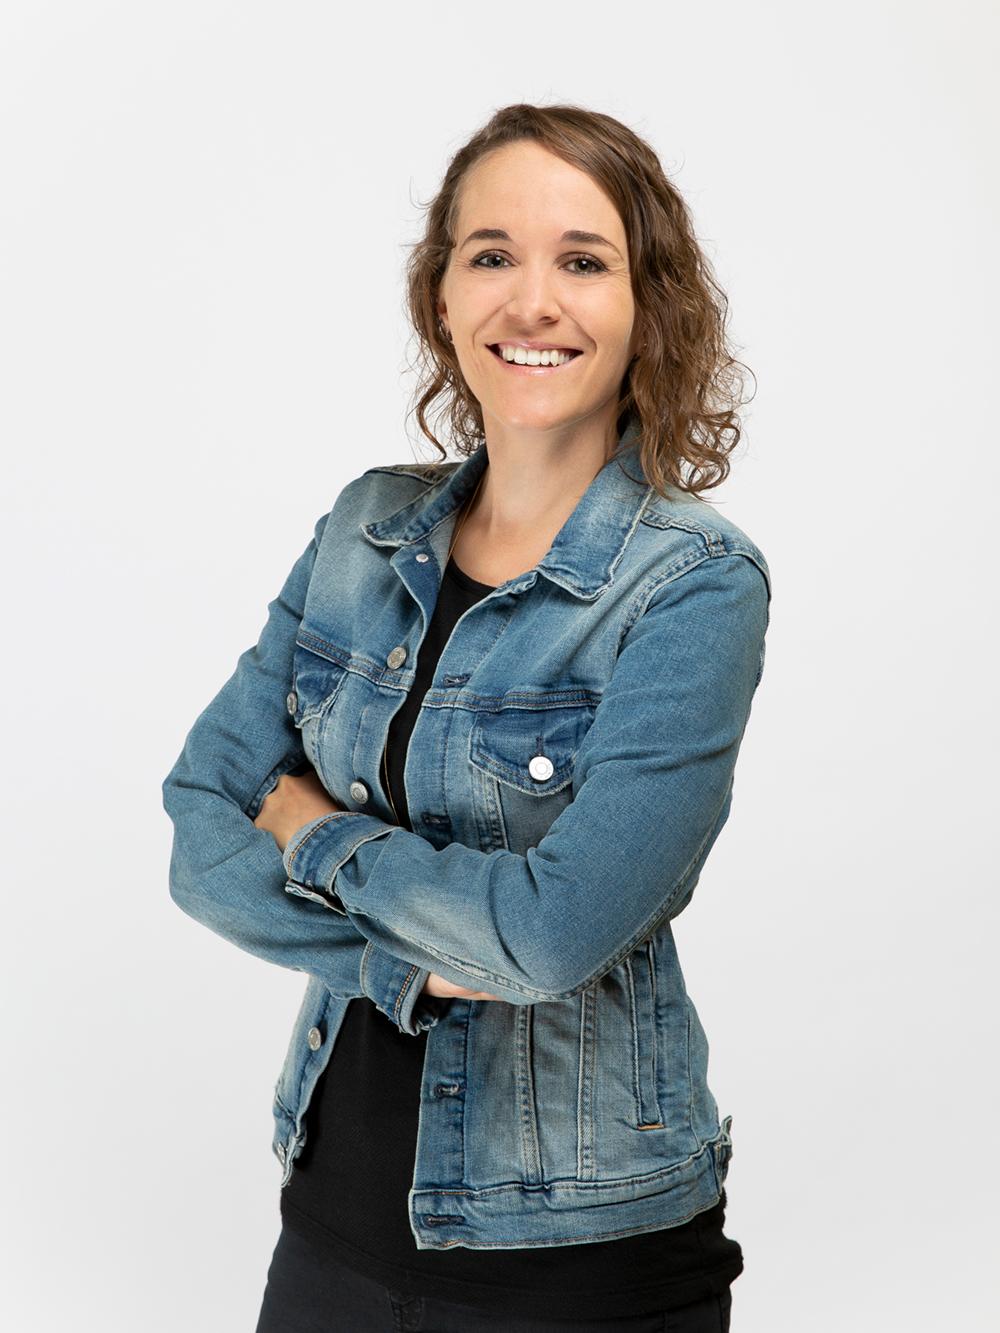 e-guma Team Denise Meyer